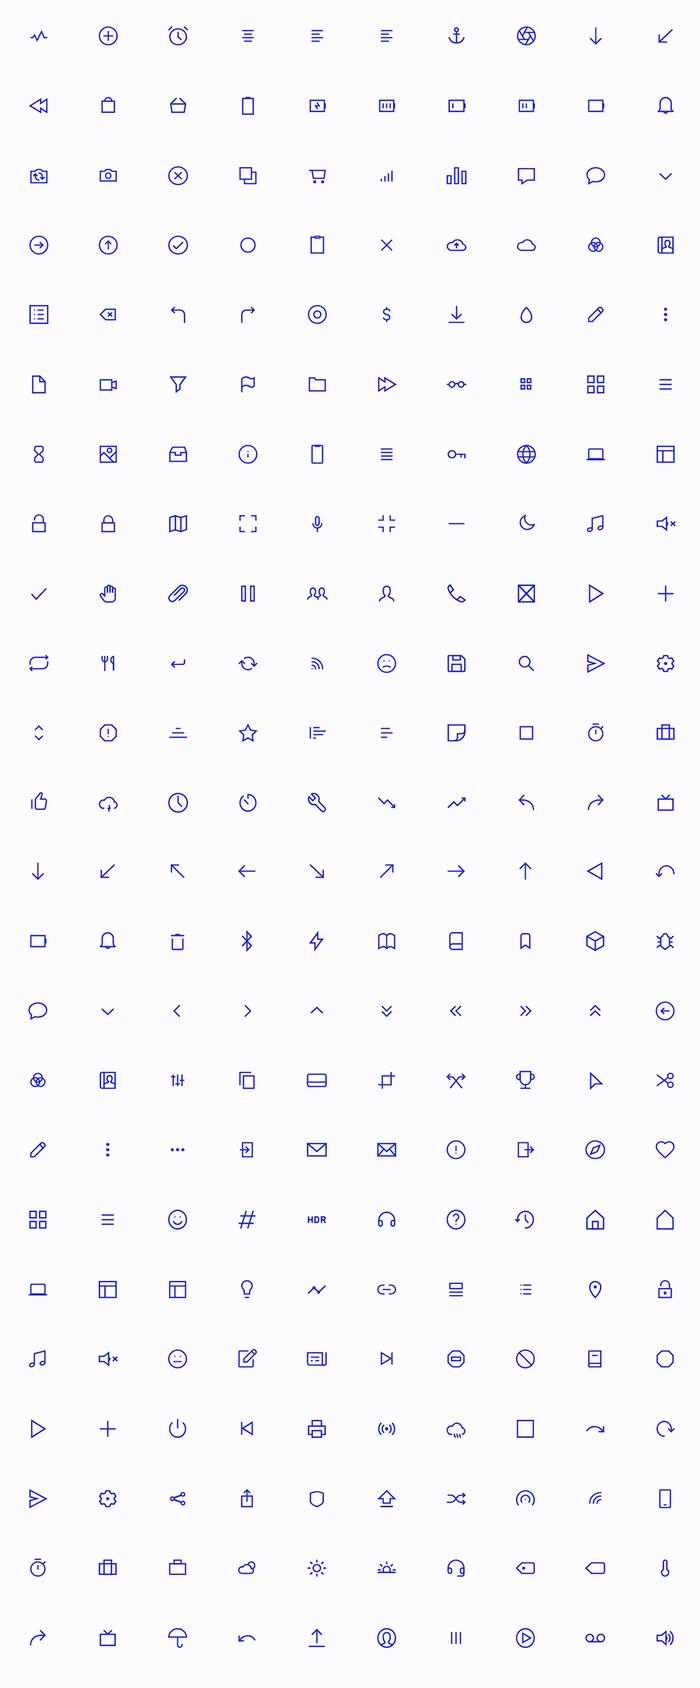 бесплатный набор иконок